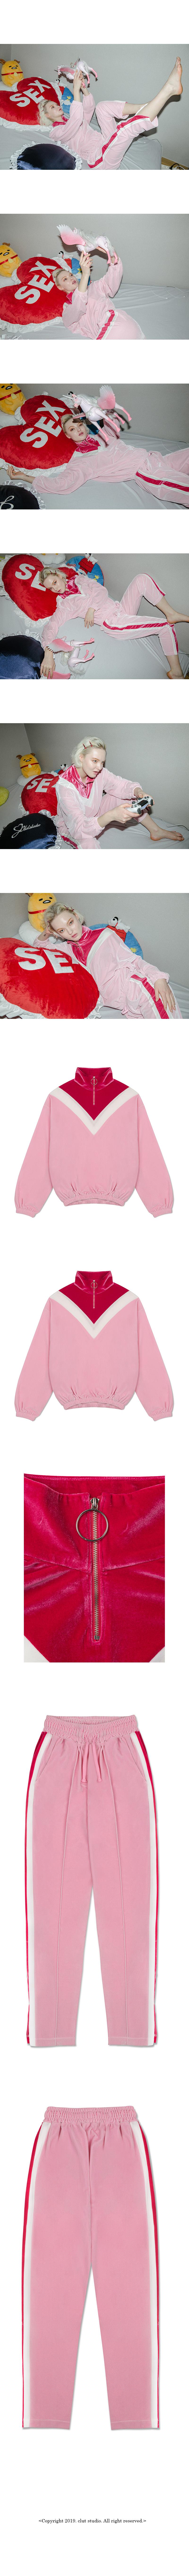 클럿 스튜디오(CLUT STUDIO) [세트] 0 3  벨벳 트레이닝 핑크 집업 탑 & 팬츠 셋업